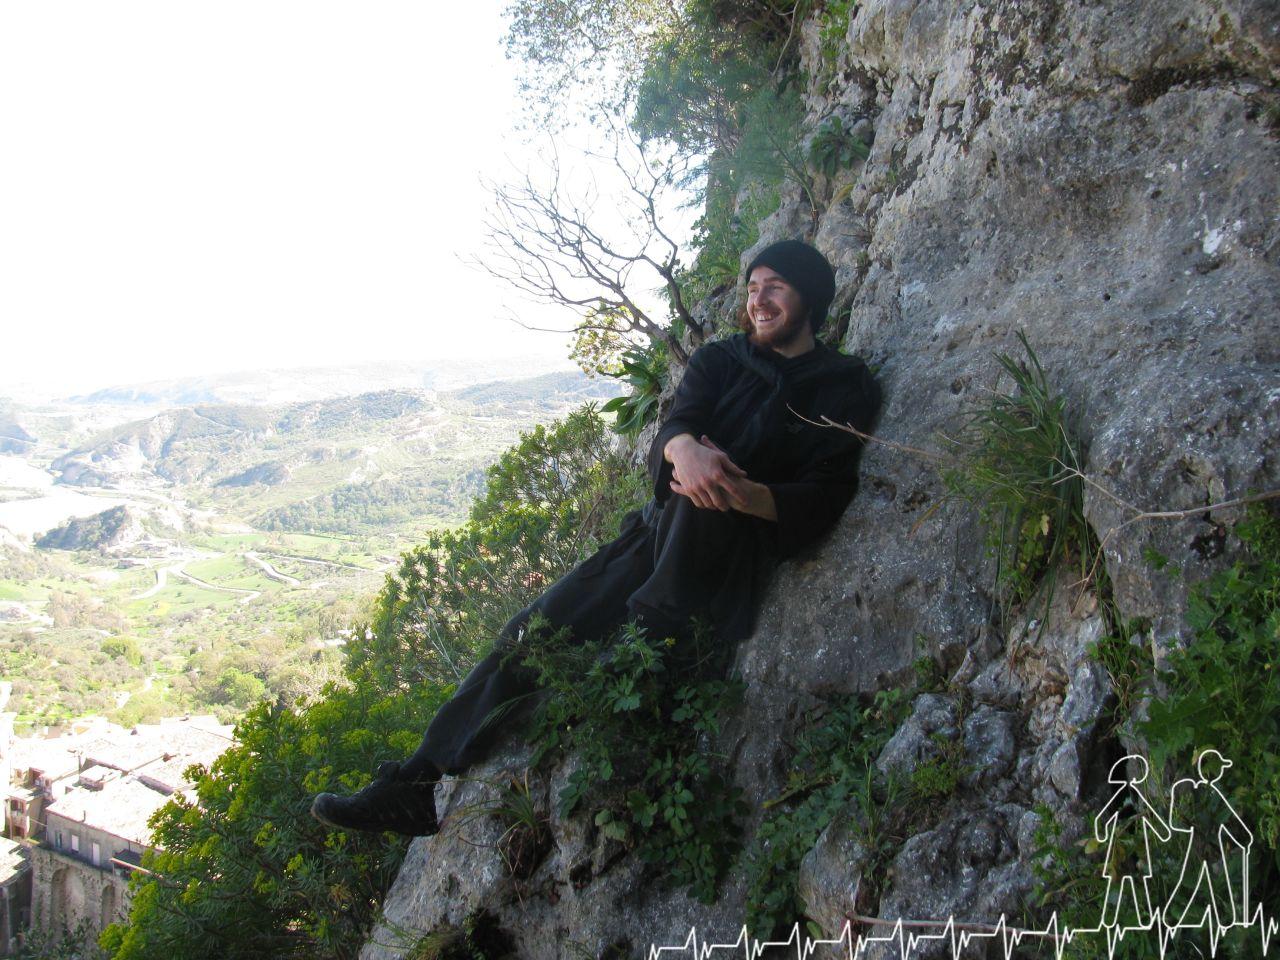 Le grotte eremitiche di Monte Consolino